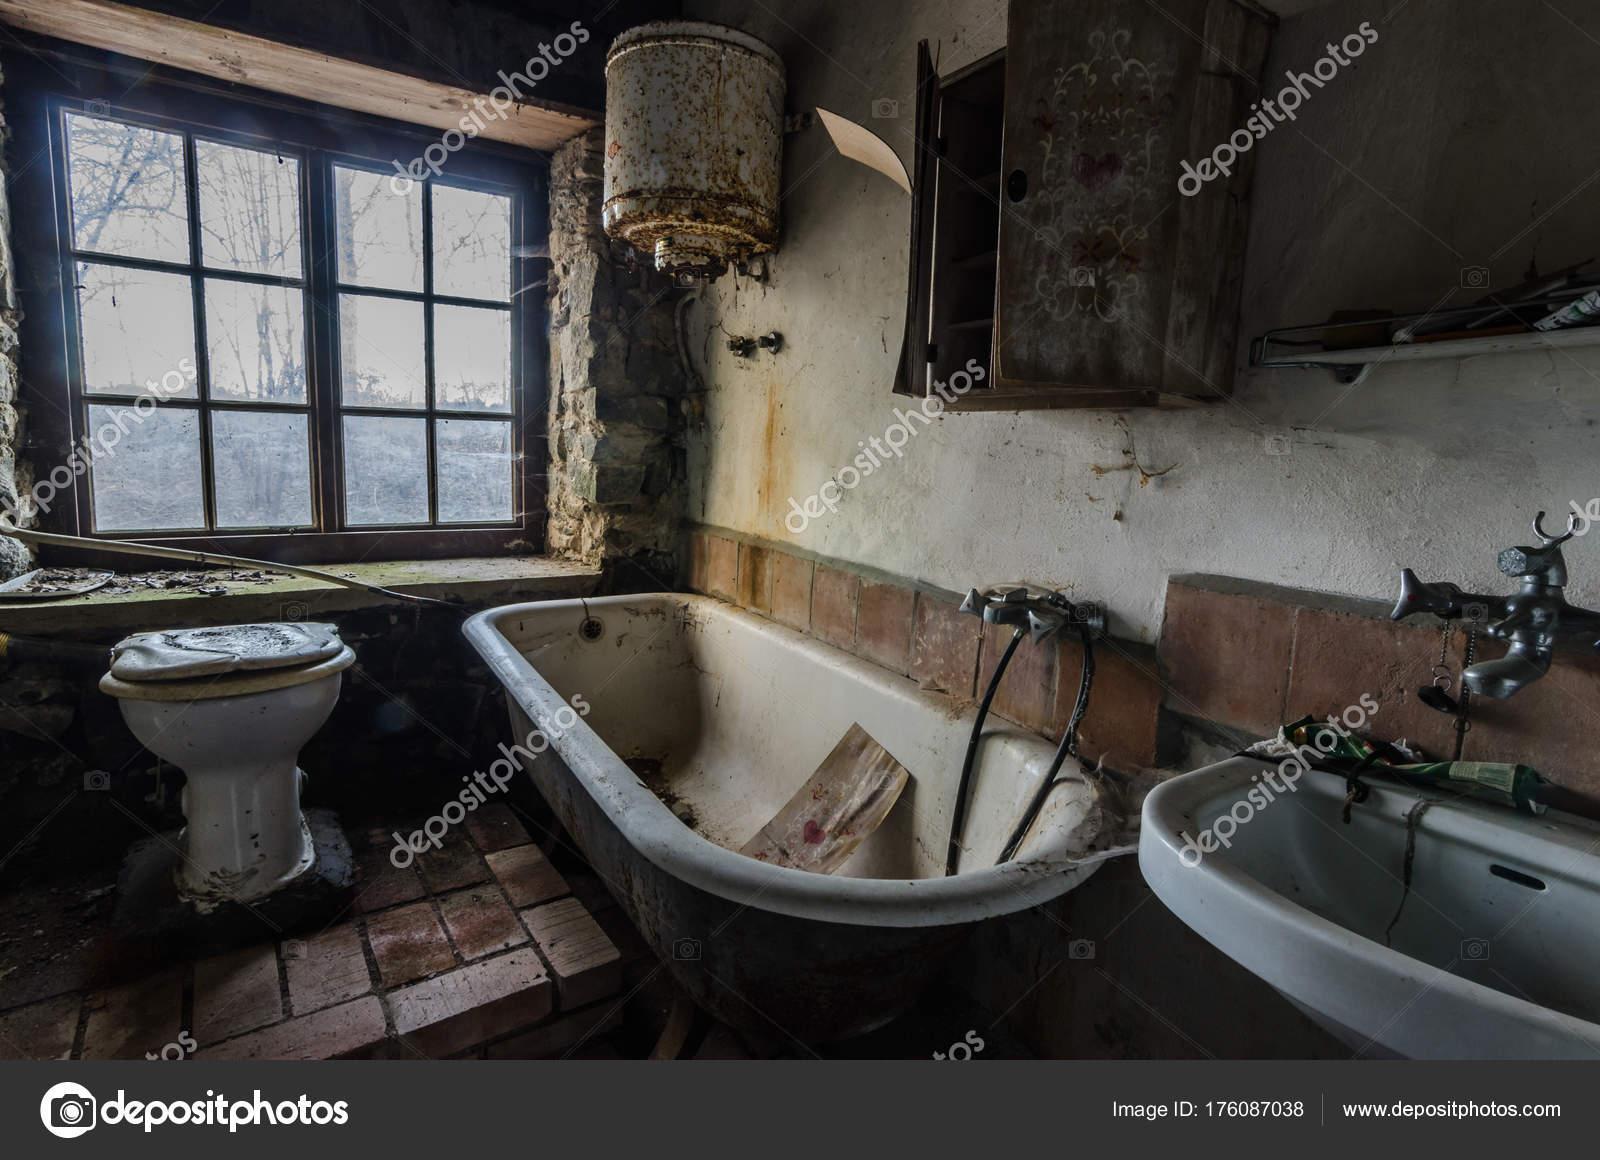 Vasca Da Casa : Vasca da bagno in casa sul lago u foto stock thomaseder